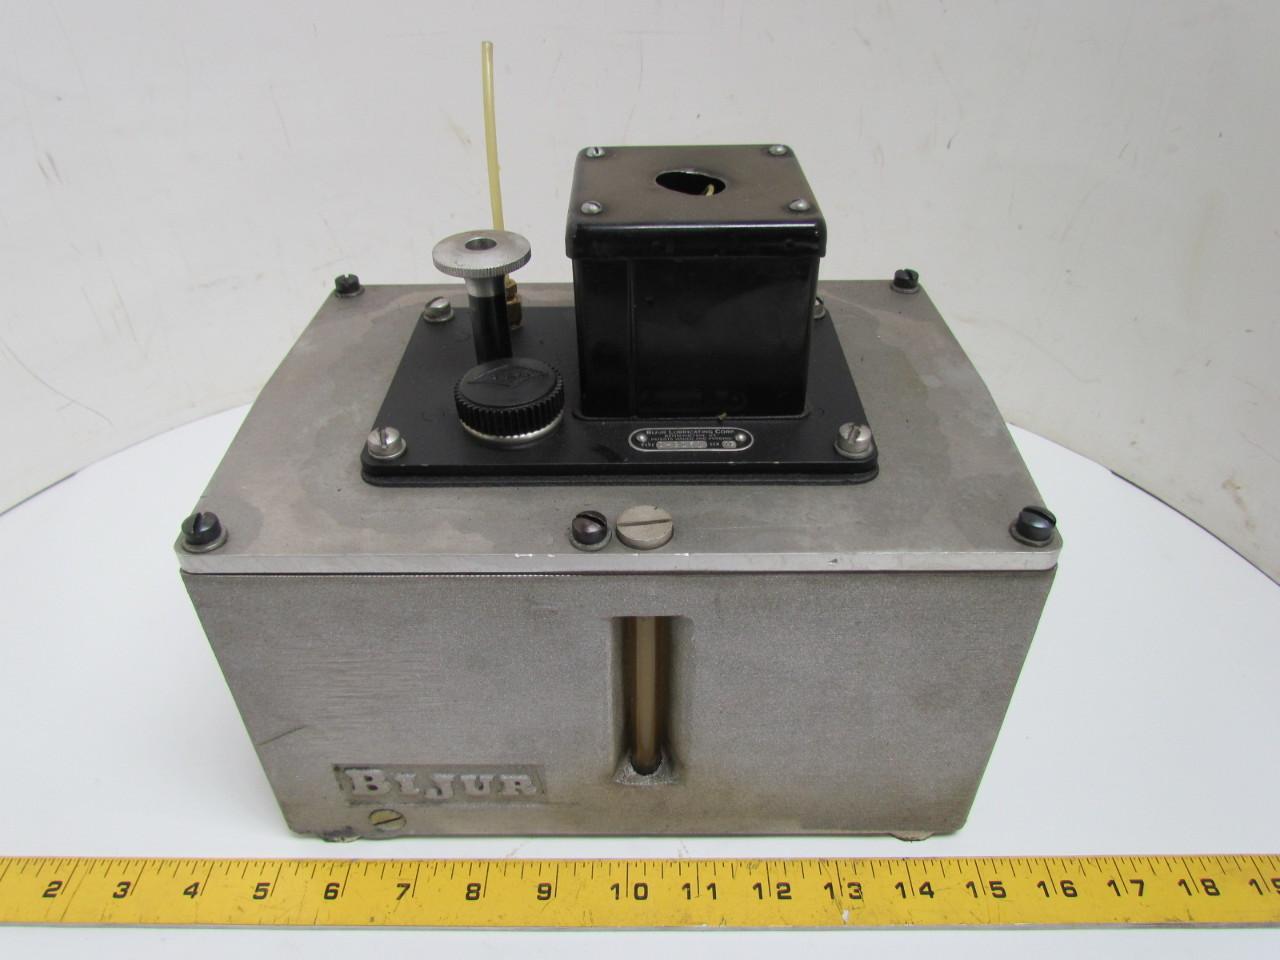 有关以下物品的详细资料: bijur d-3151 lubrication system 10x7x5图片